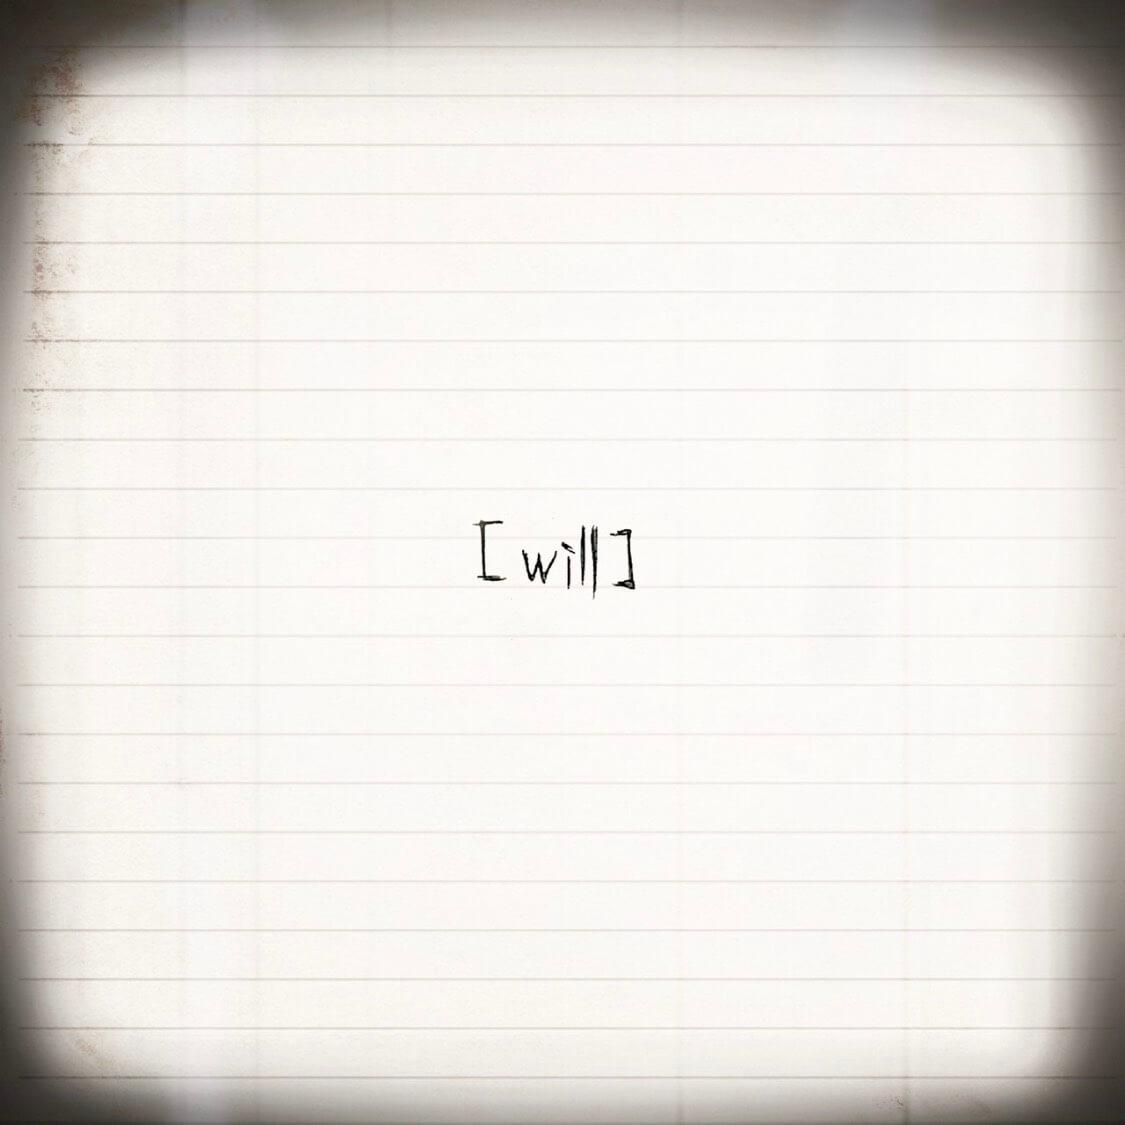 会場限定CD[will]